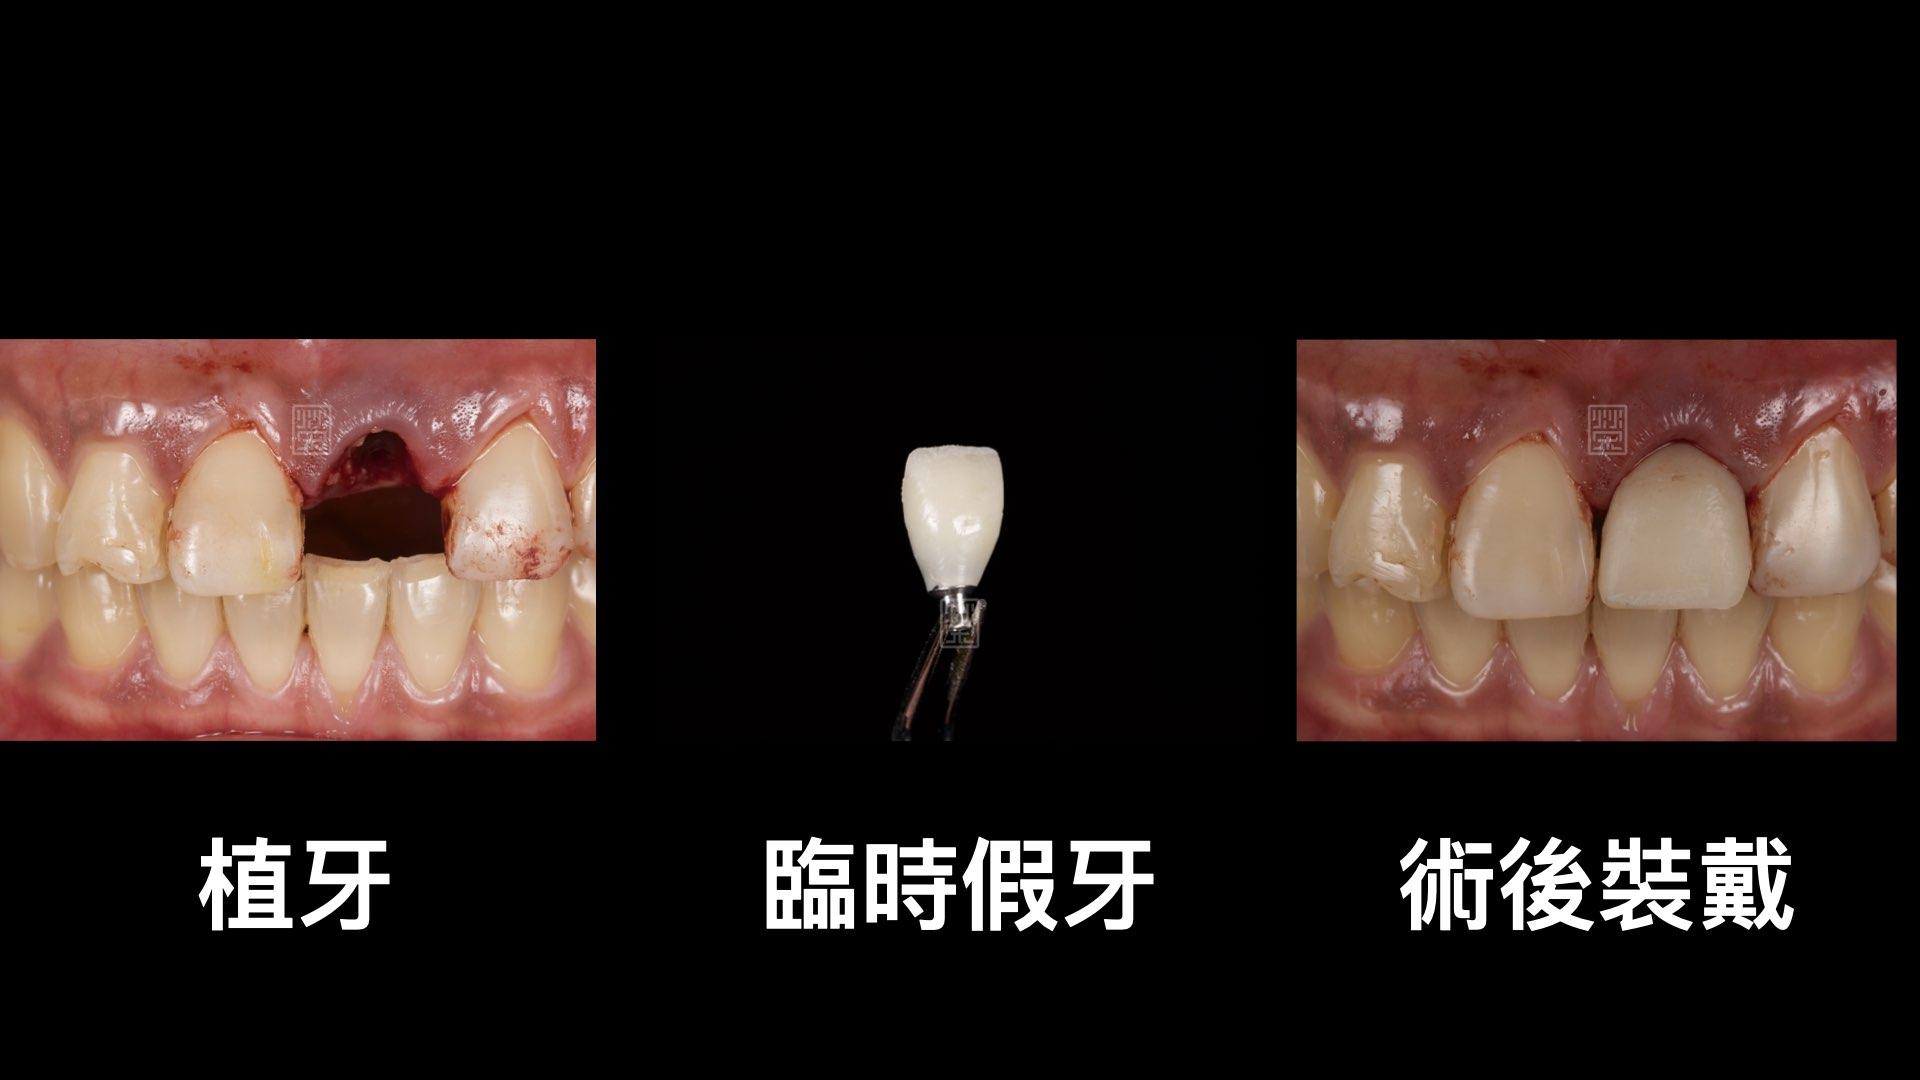 牙齒拔除,臨時假牙立即製作